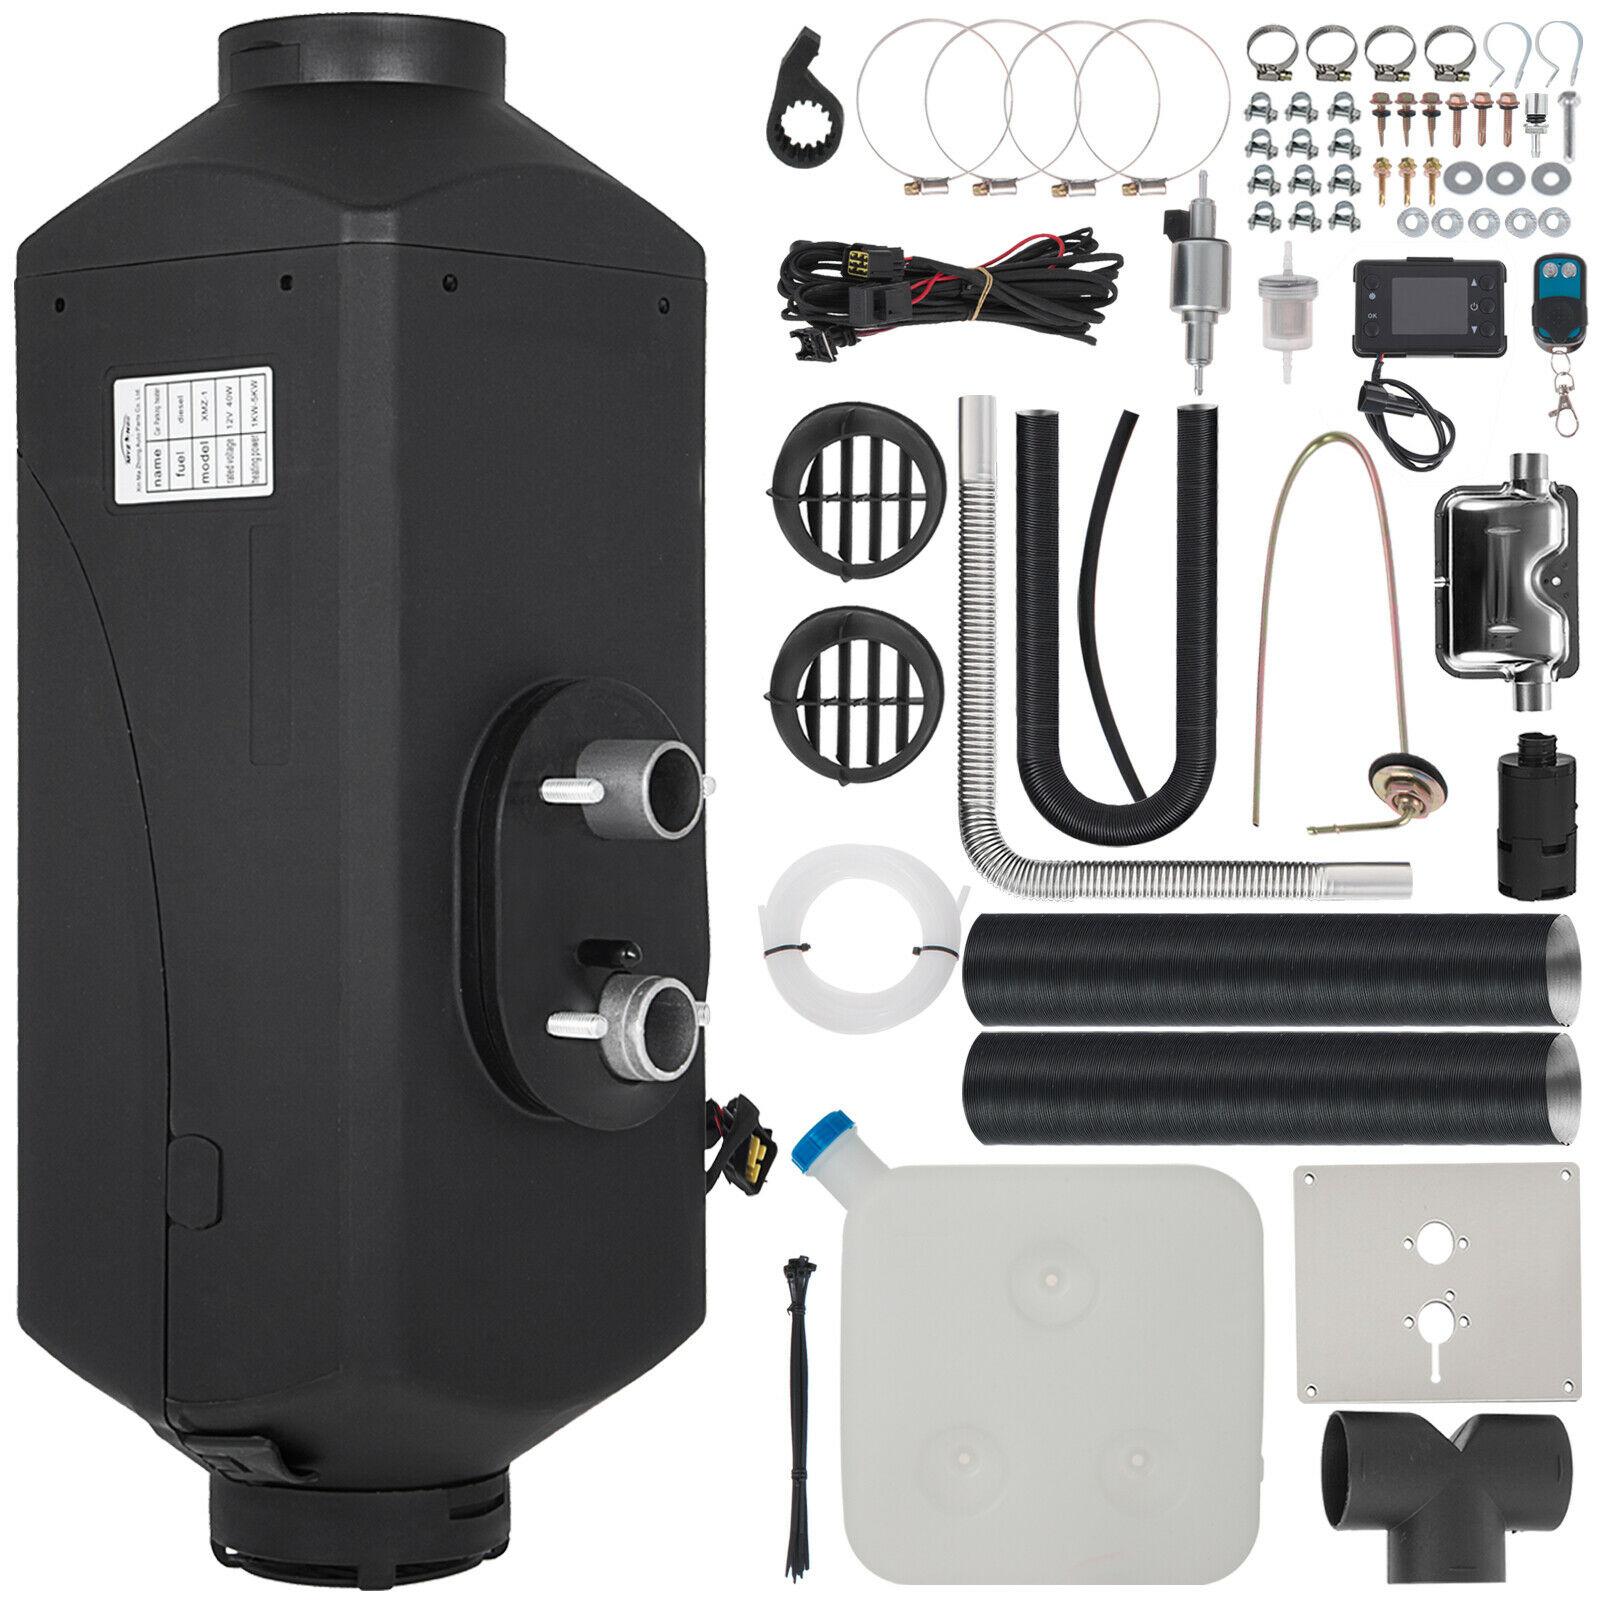 BuoQua Riscaldatore daria Diesel per Camion con un Design Compatto Camper 12V 5KW con Display LCD con Interruttore Digitale